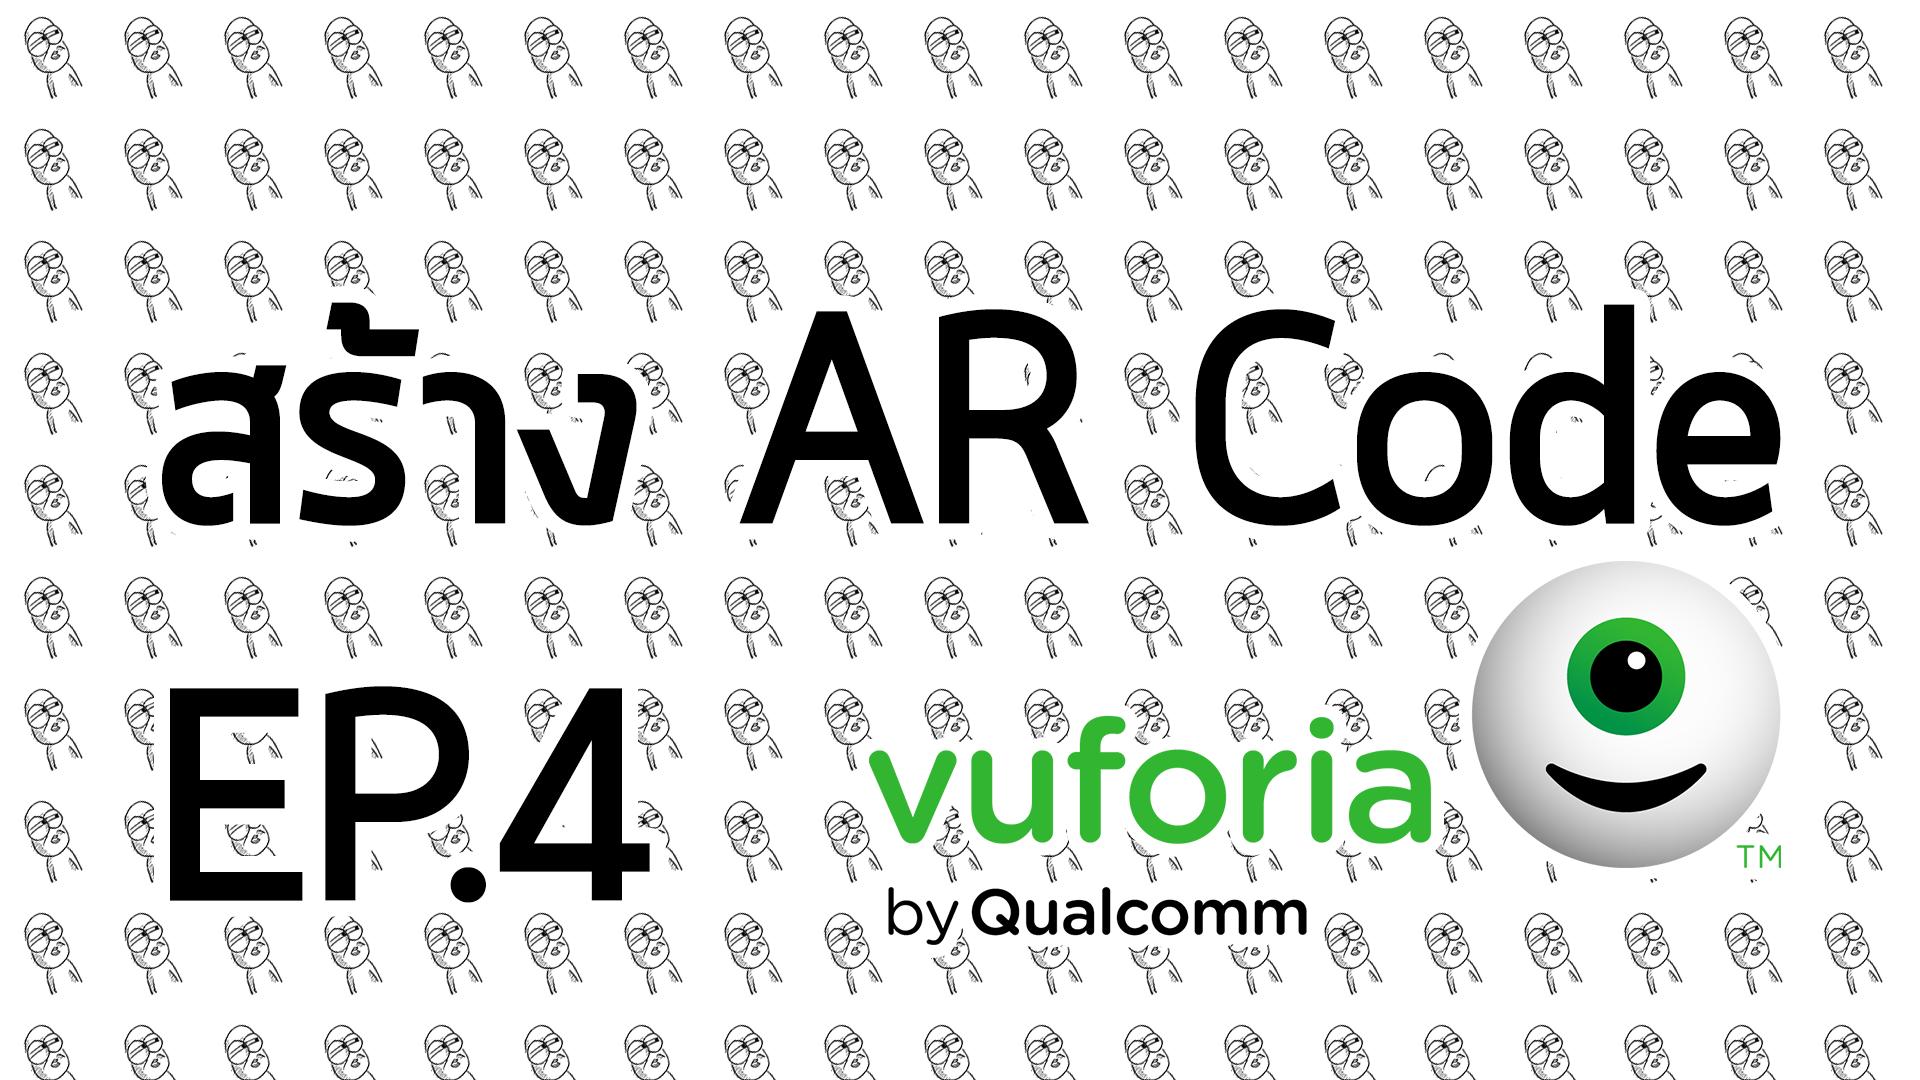 สอนการสร้าง AR CODE เล่นวีดีโอ ด้วย VUFORIA EP.4